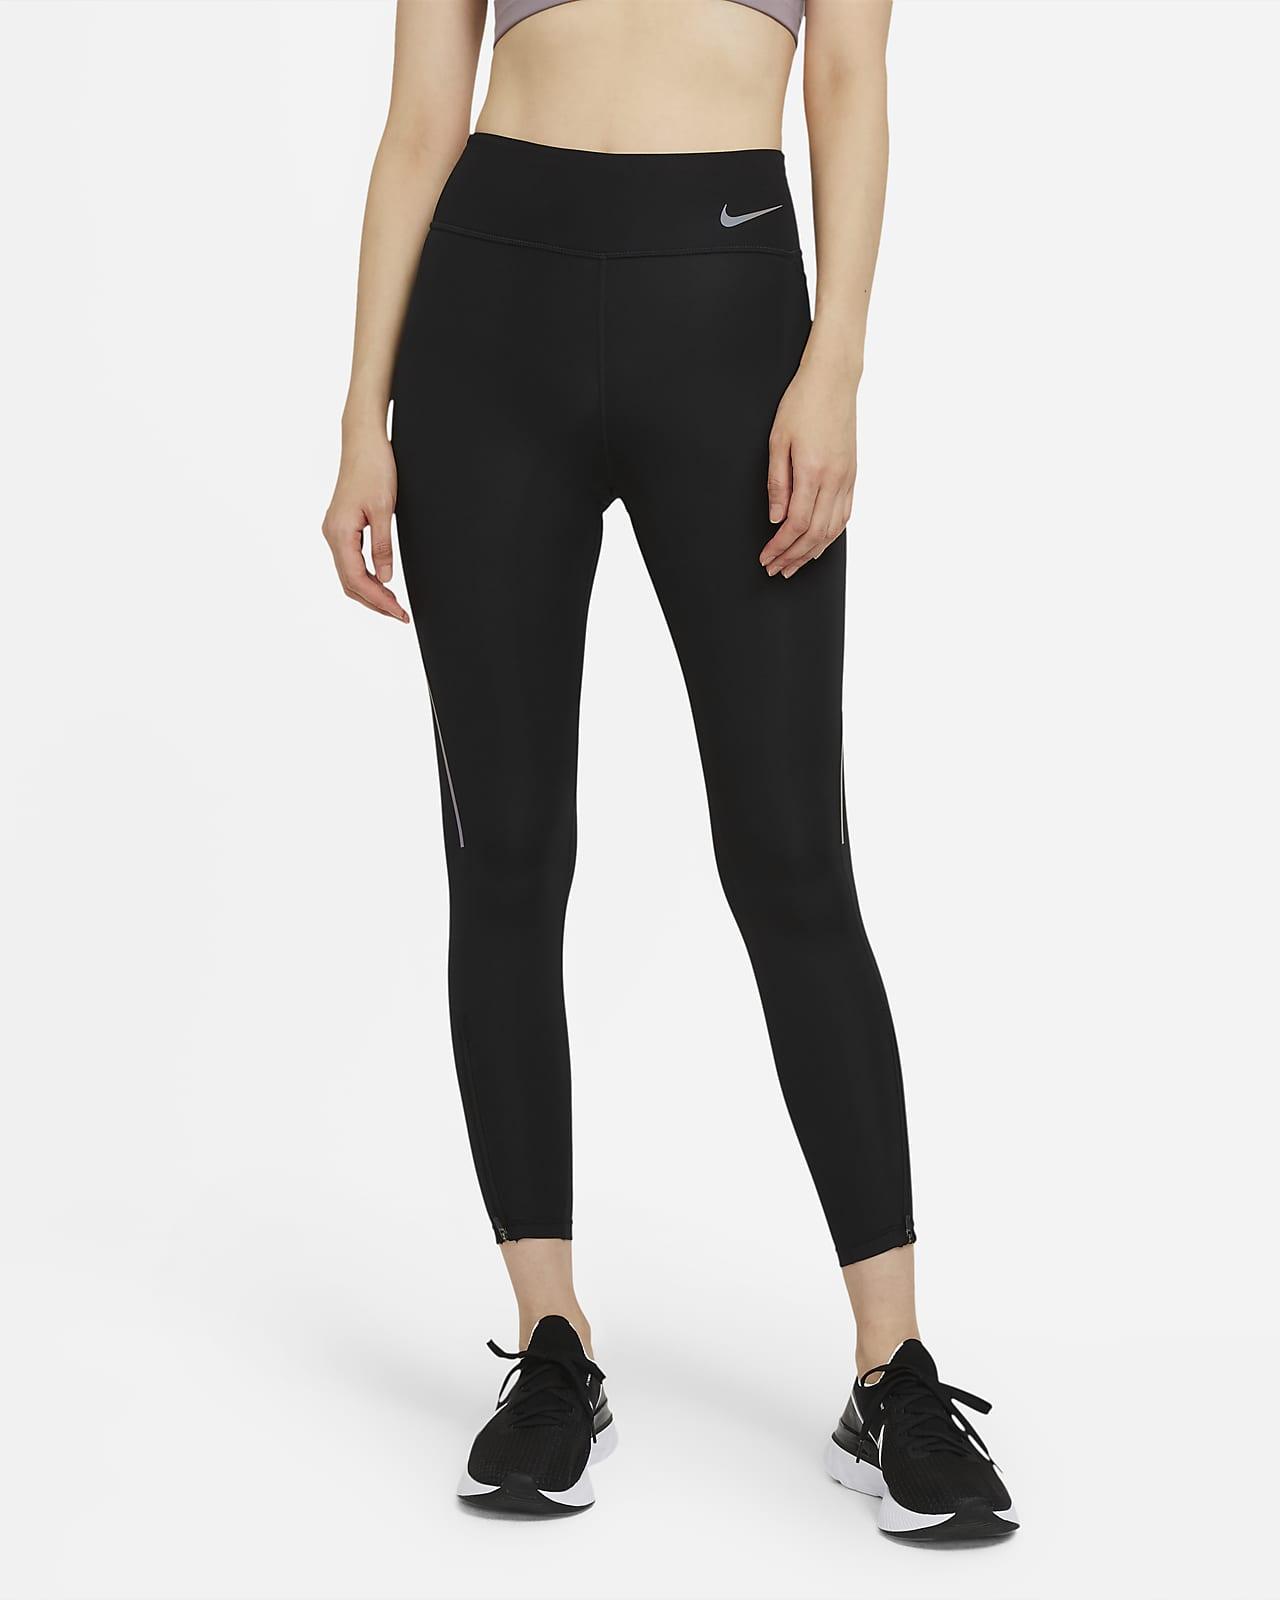 เลกกิ้งวิ่งเอวปานกลาง 7/8 ส่วนผู้หญิง Nike Epic Faster